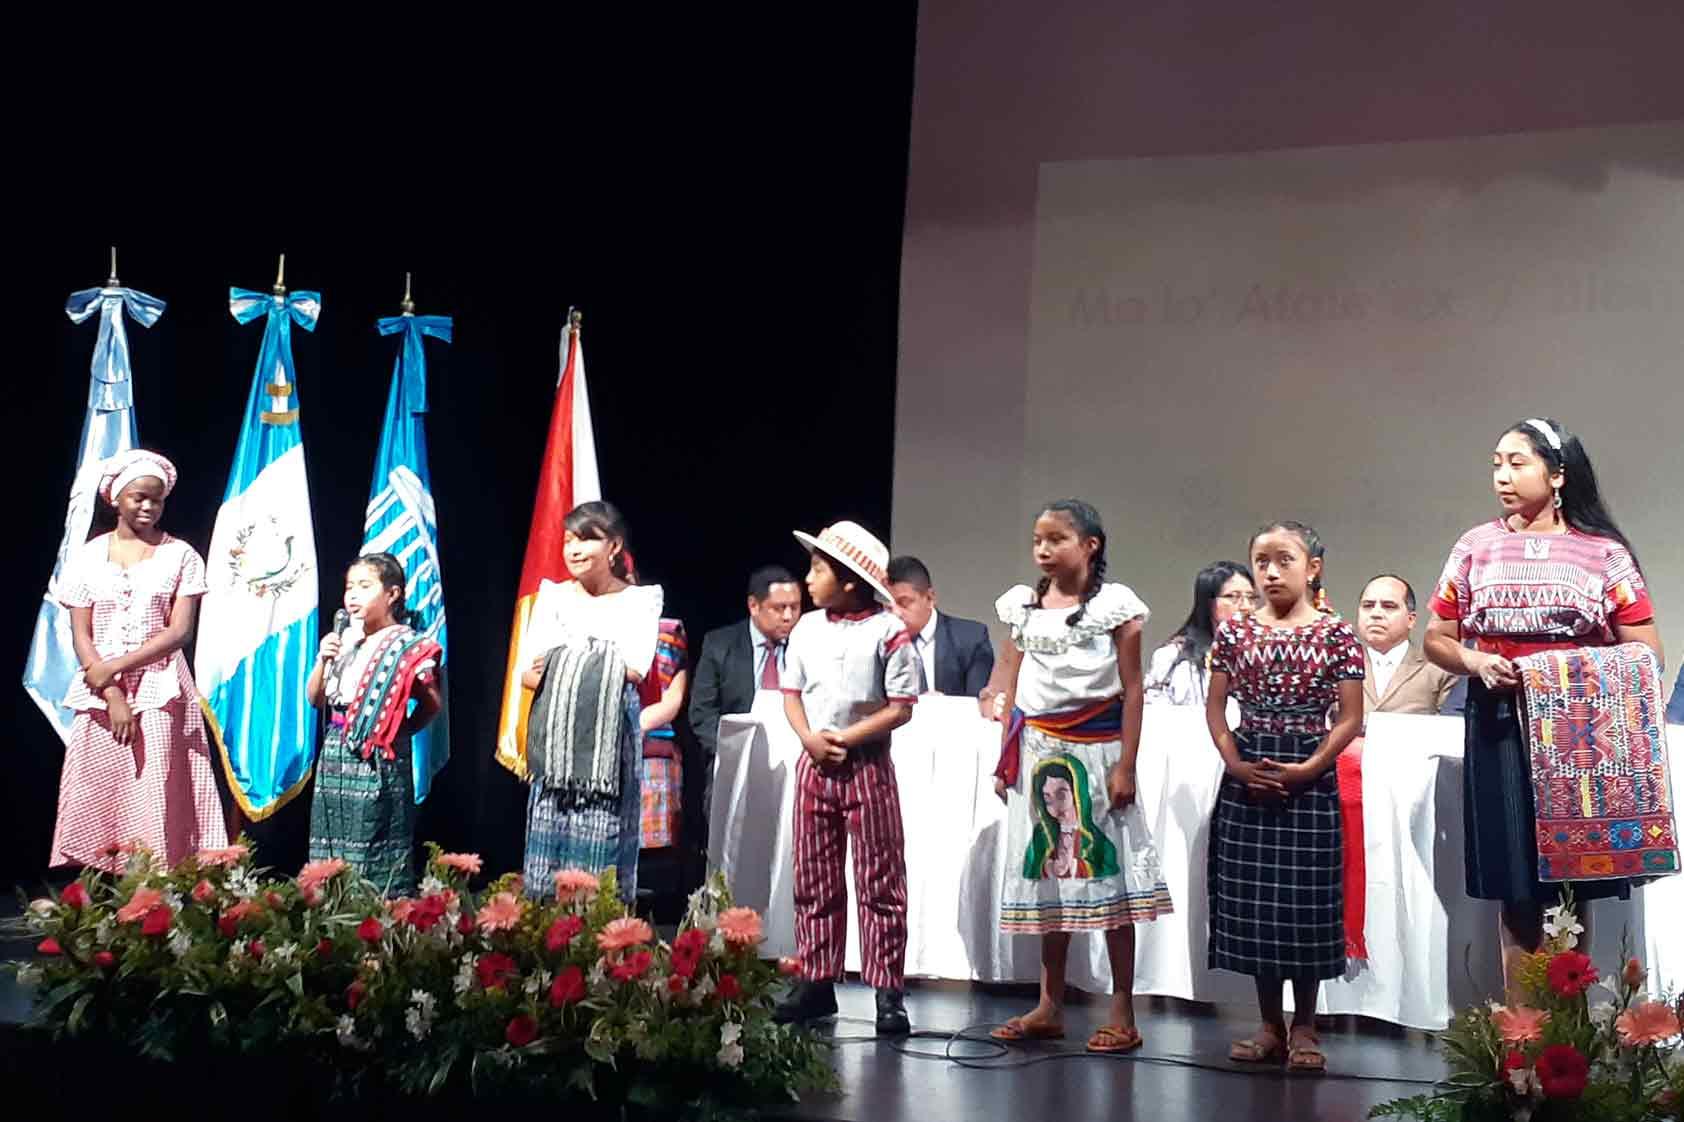 Estuvimos presentes en el encuentro mesoamericano de lenguas indígenas